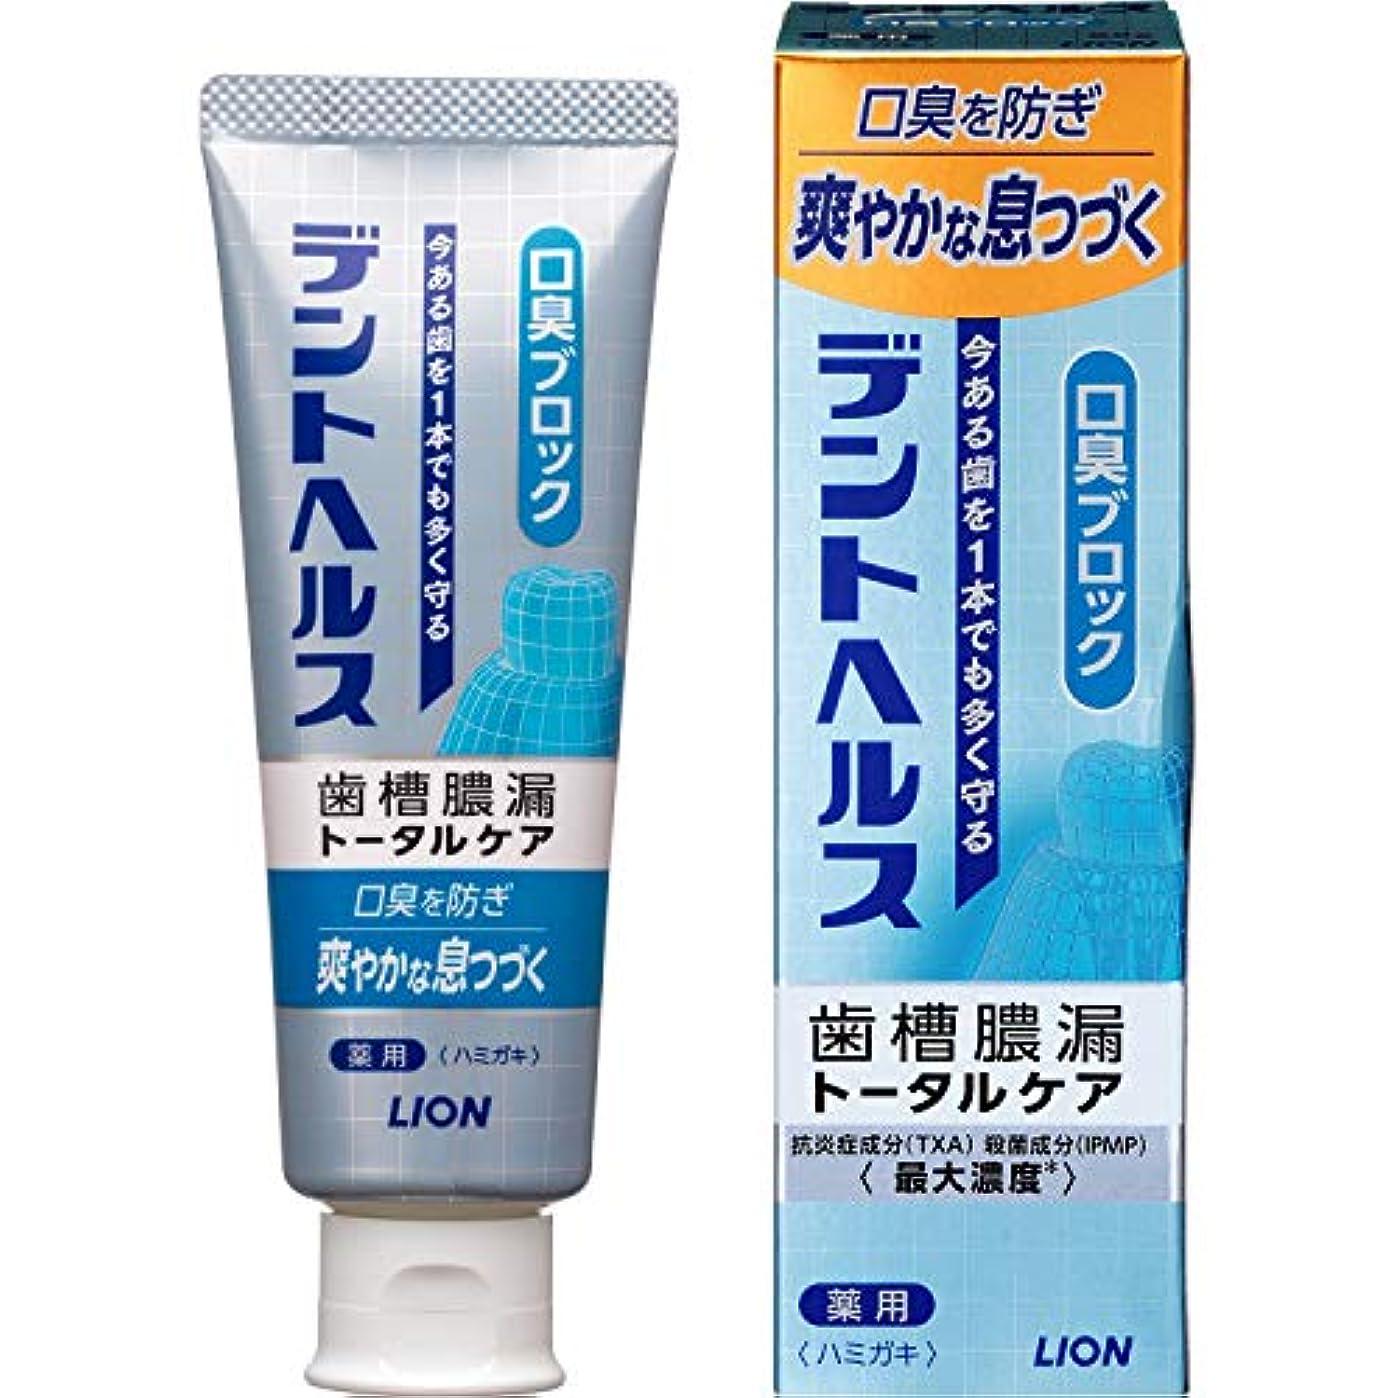 ずっとクリエイティブメガロポリス歯槽膿漏予防に デントヘルス 薬用ハミガキ 口臭ブロック 85g